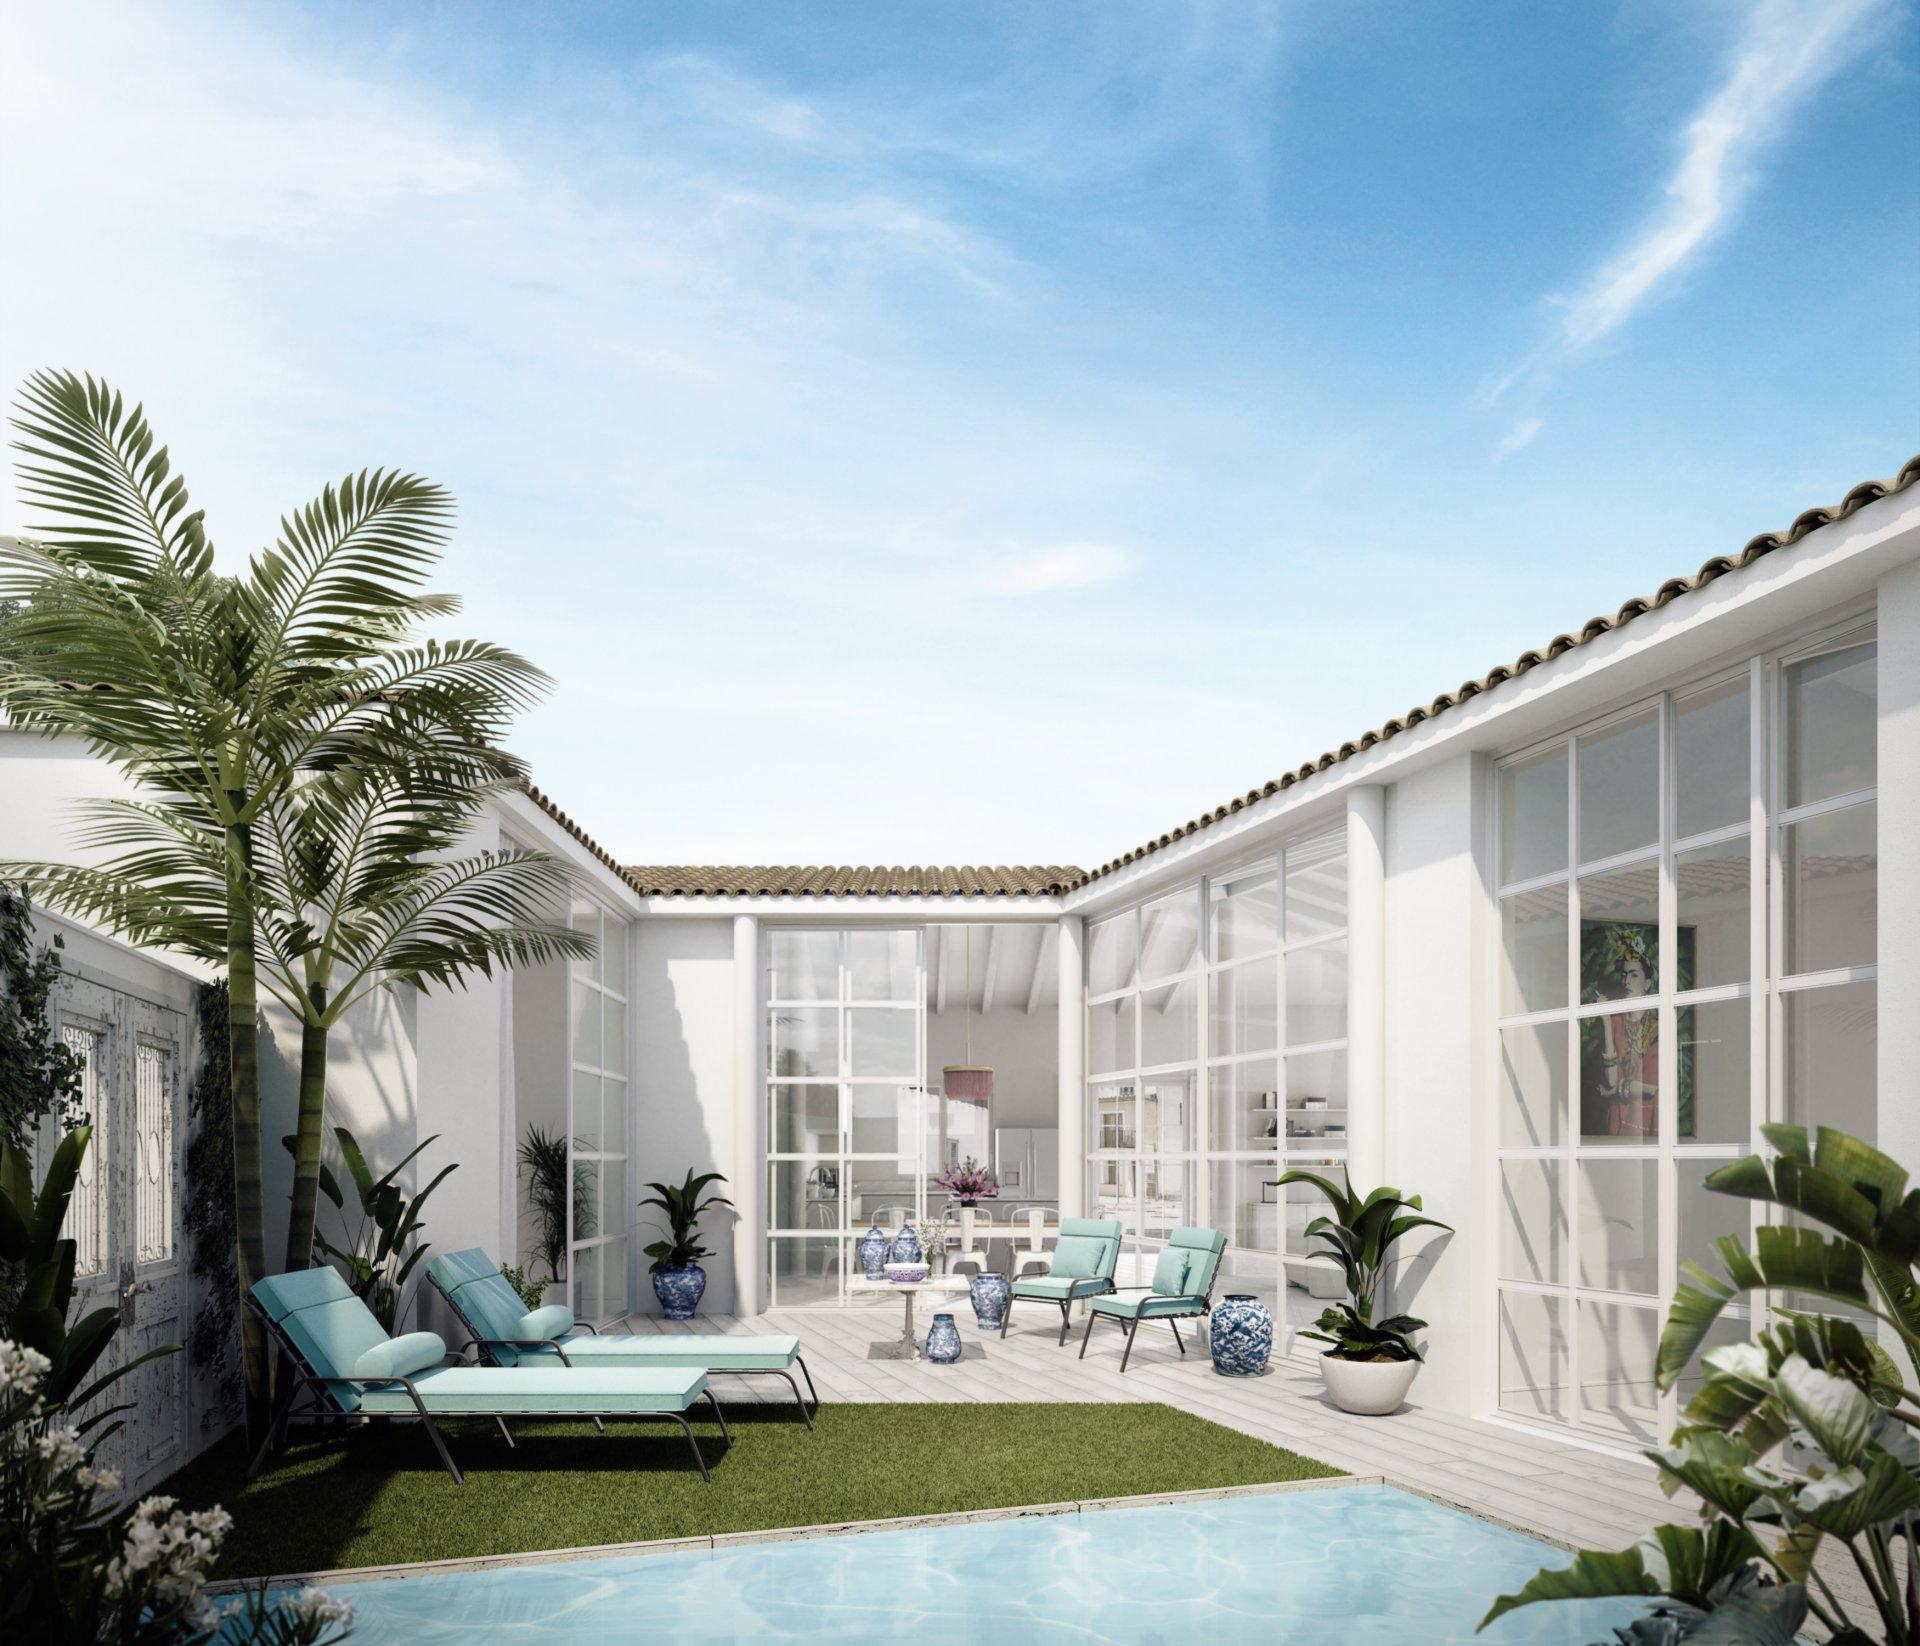 Anuncio venta casa palma de mallorca santa catalina 07001 john taylor - Casas en palma de mallorca ...